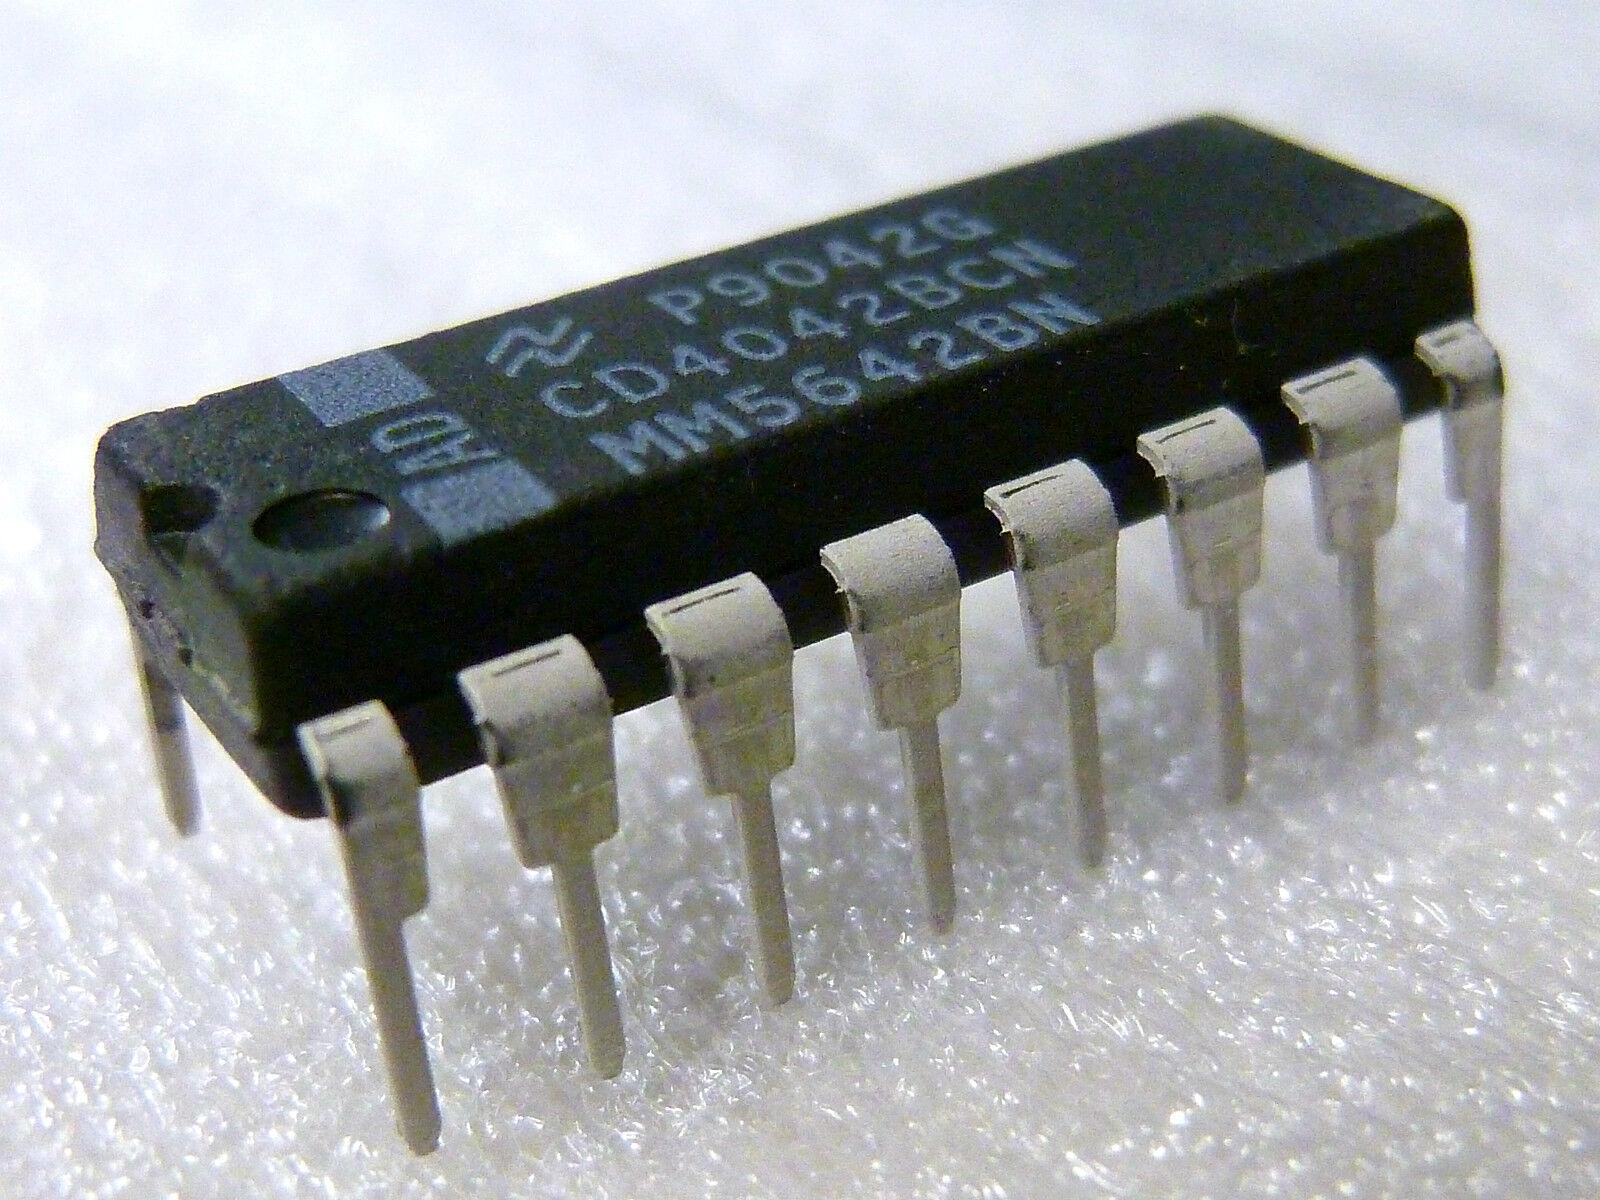 7408 G Series GHz TTL CMOS logic IC 14pin SOIC QTY-1